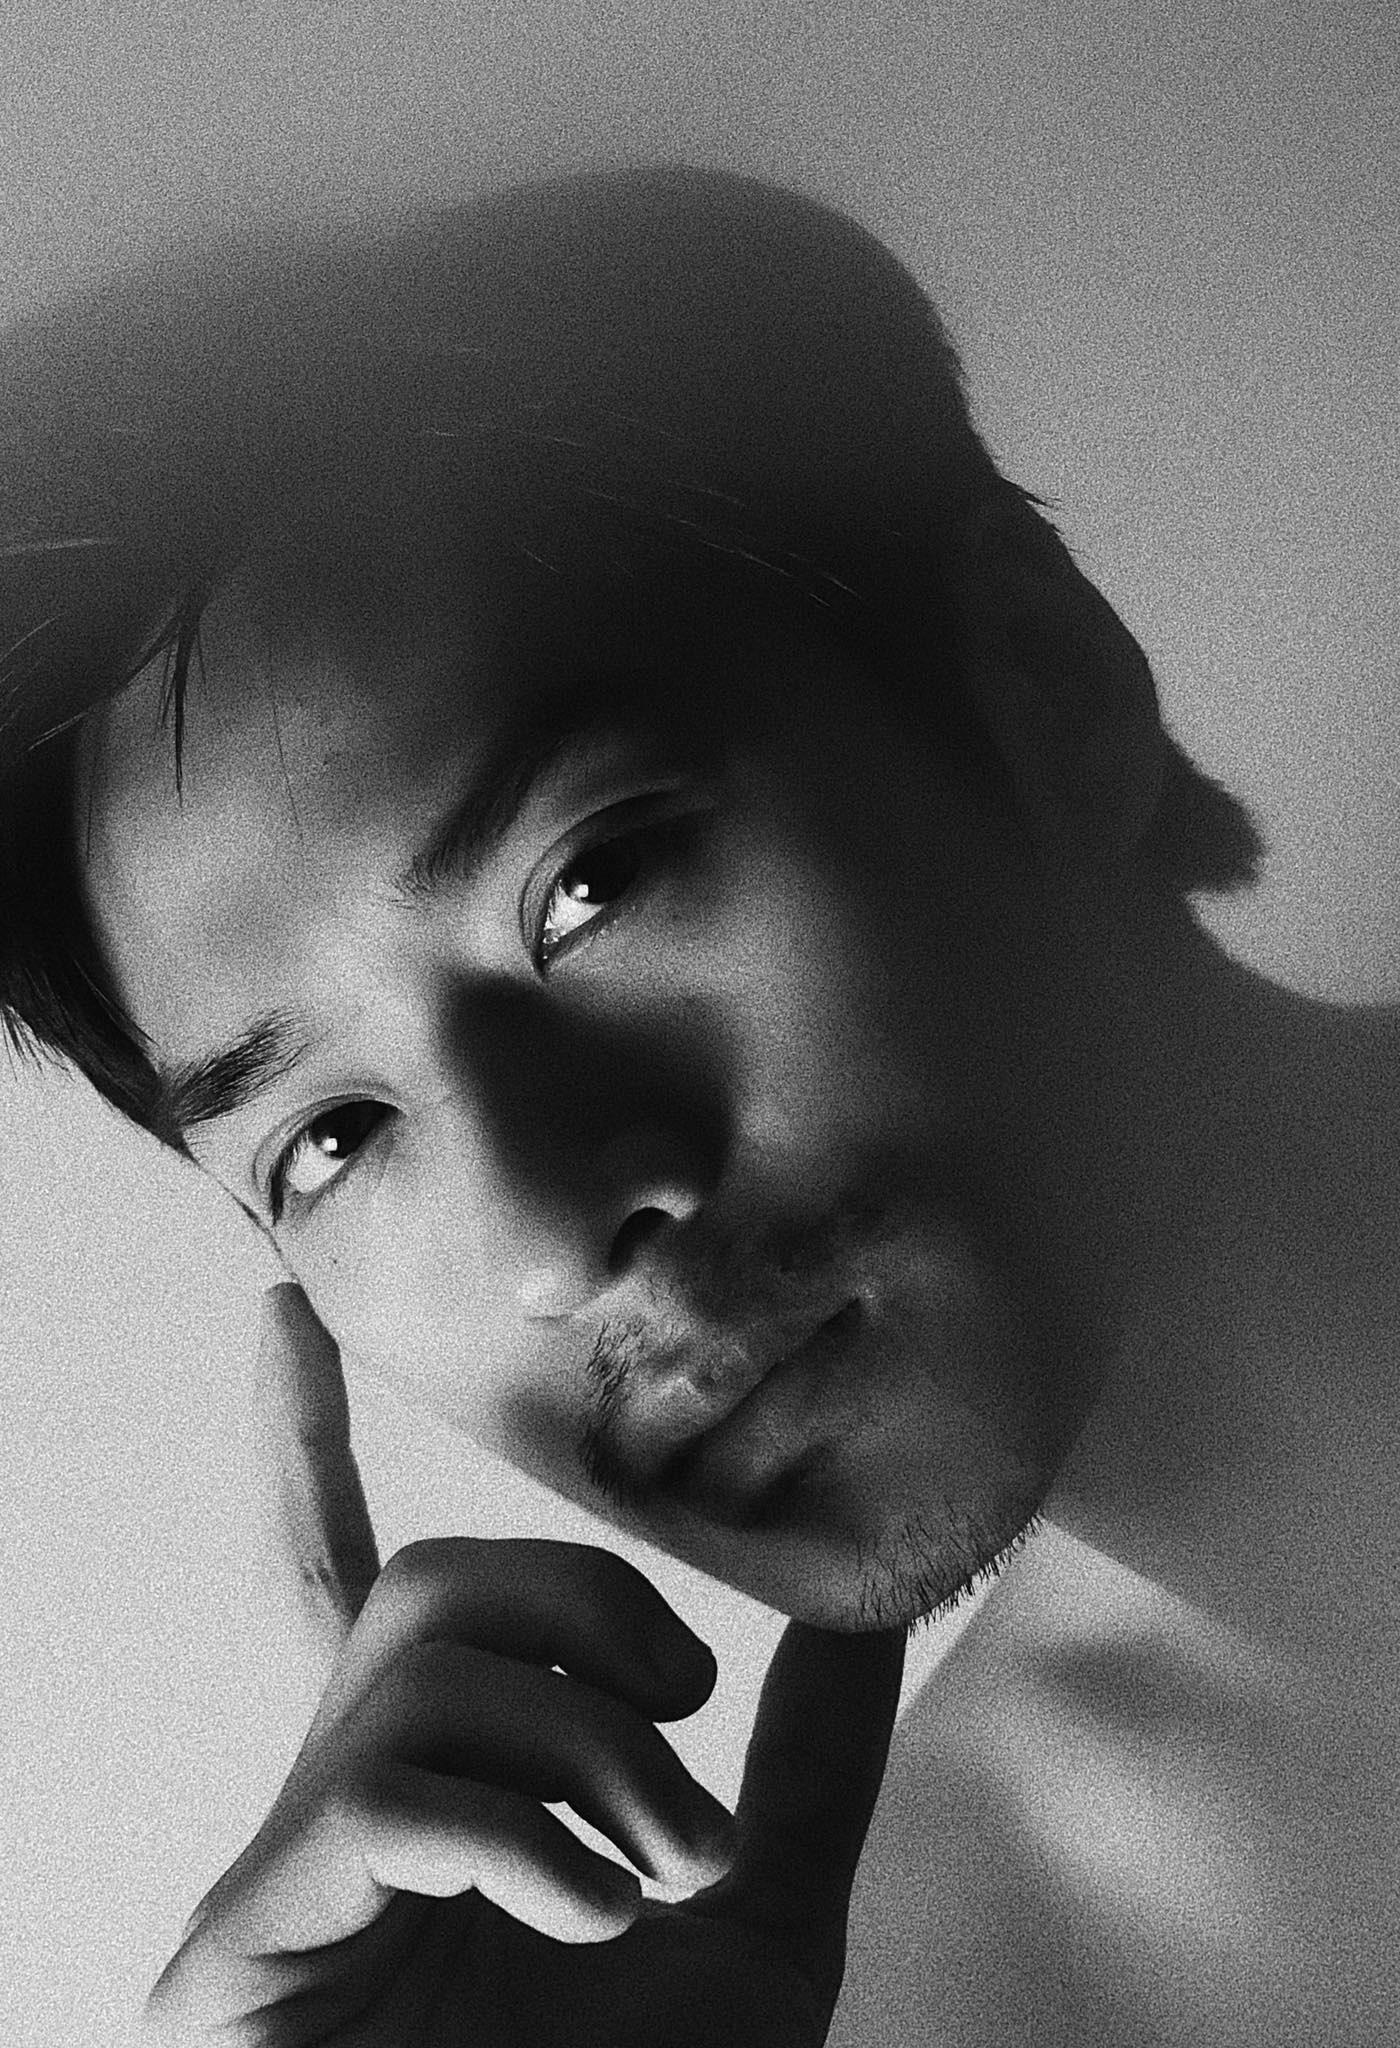 Ở nhà mùa dịch, Trần Nghĩa Mắt biếc lập tức thay đổi 180 độ: Để râu nam tính, khác xa hình ảnh thầy Ngạn thư sinh vẫn thấy! - Ảnh 4.